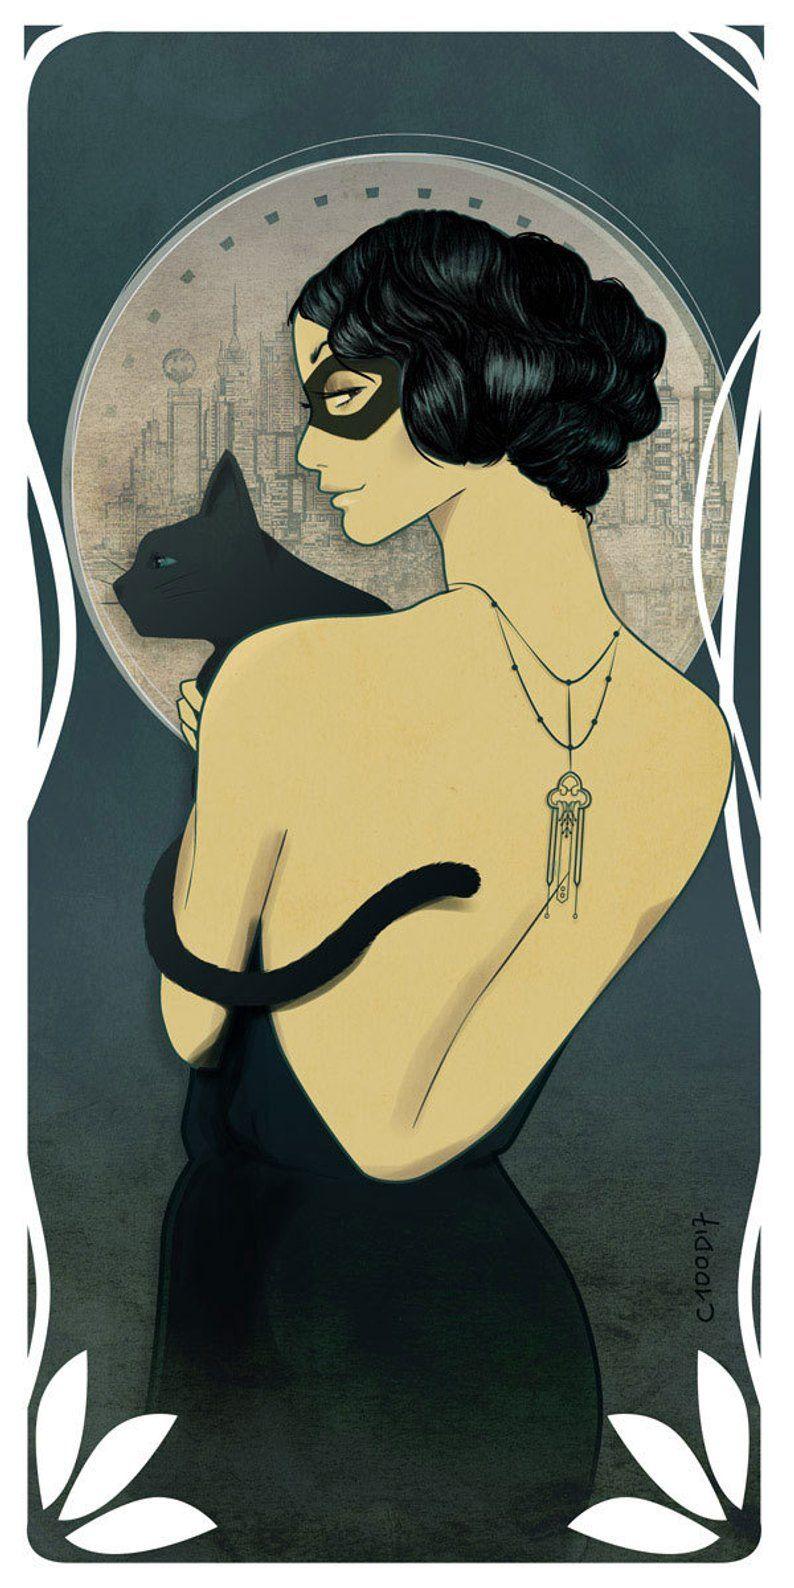 Cadeau Déco comic > Catwoman style Mucha art nouveau Geek fanart sensuel super héroine de DC Comics chat noir masque robe noire dos nu bijou